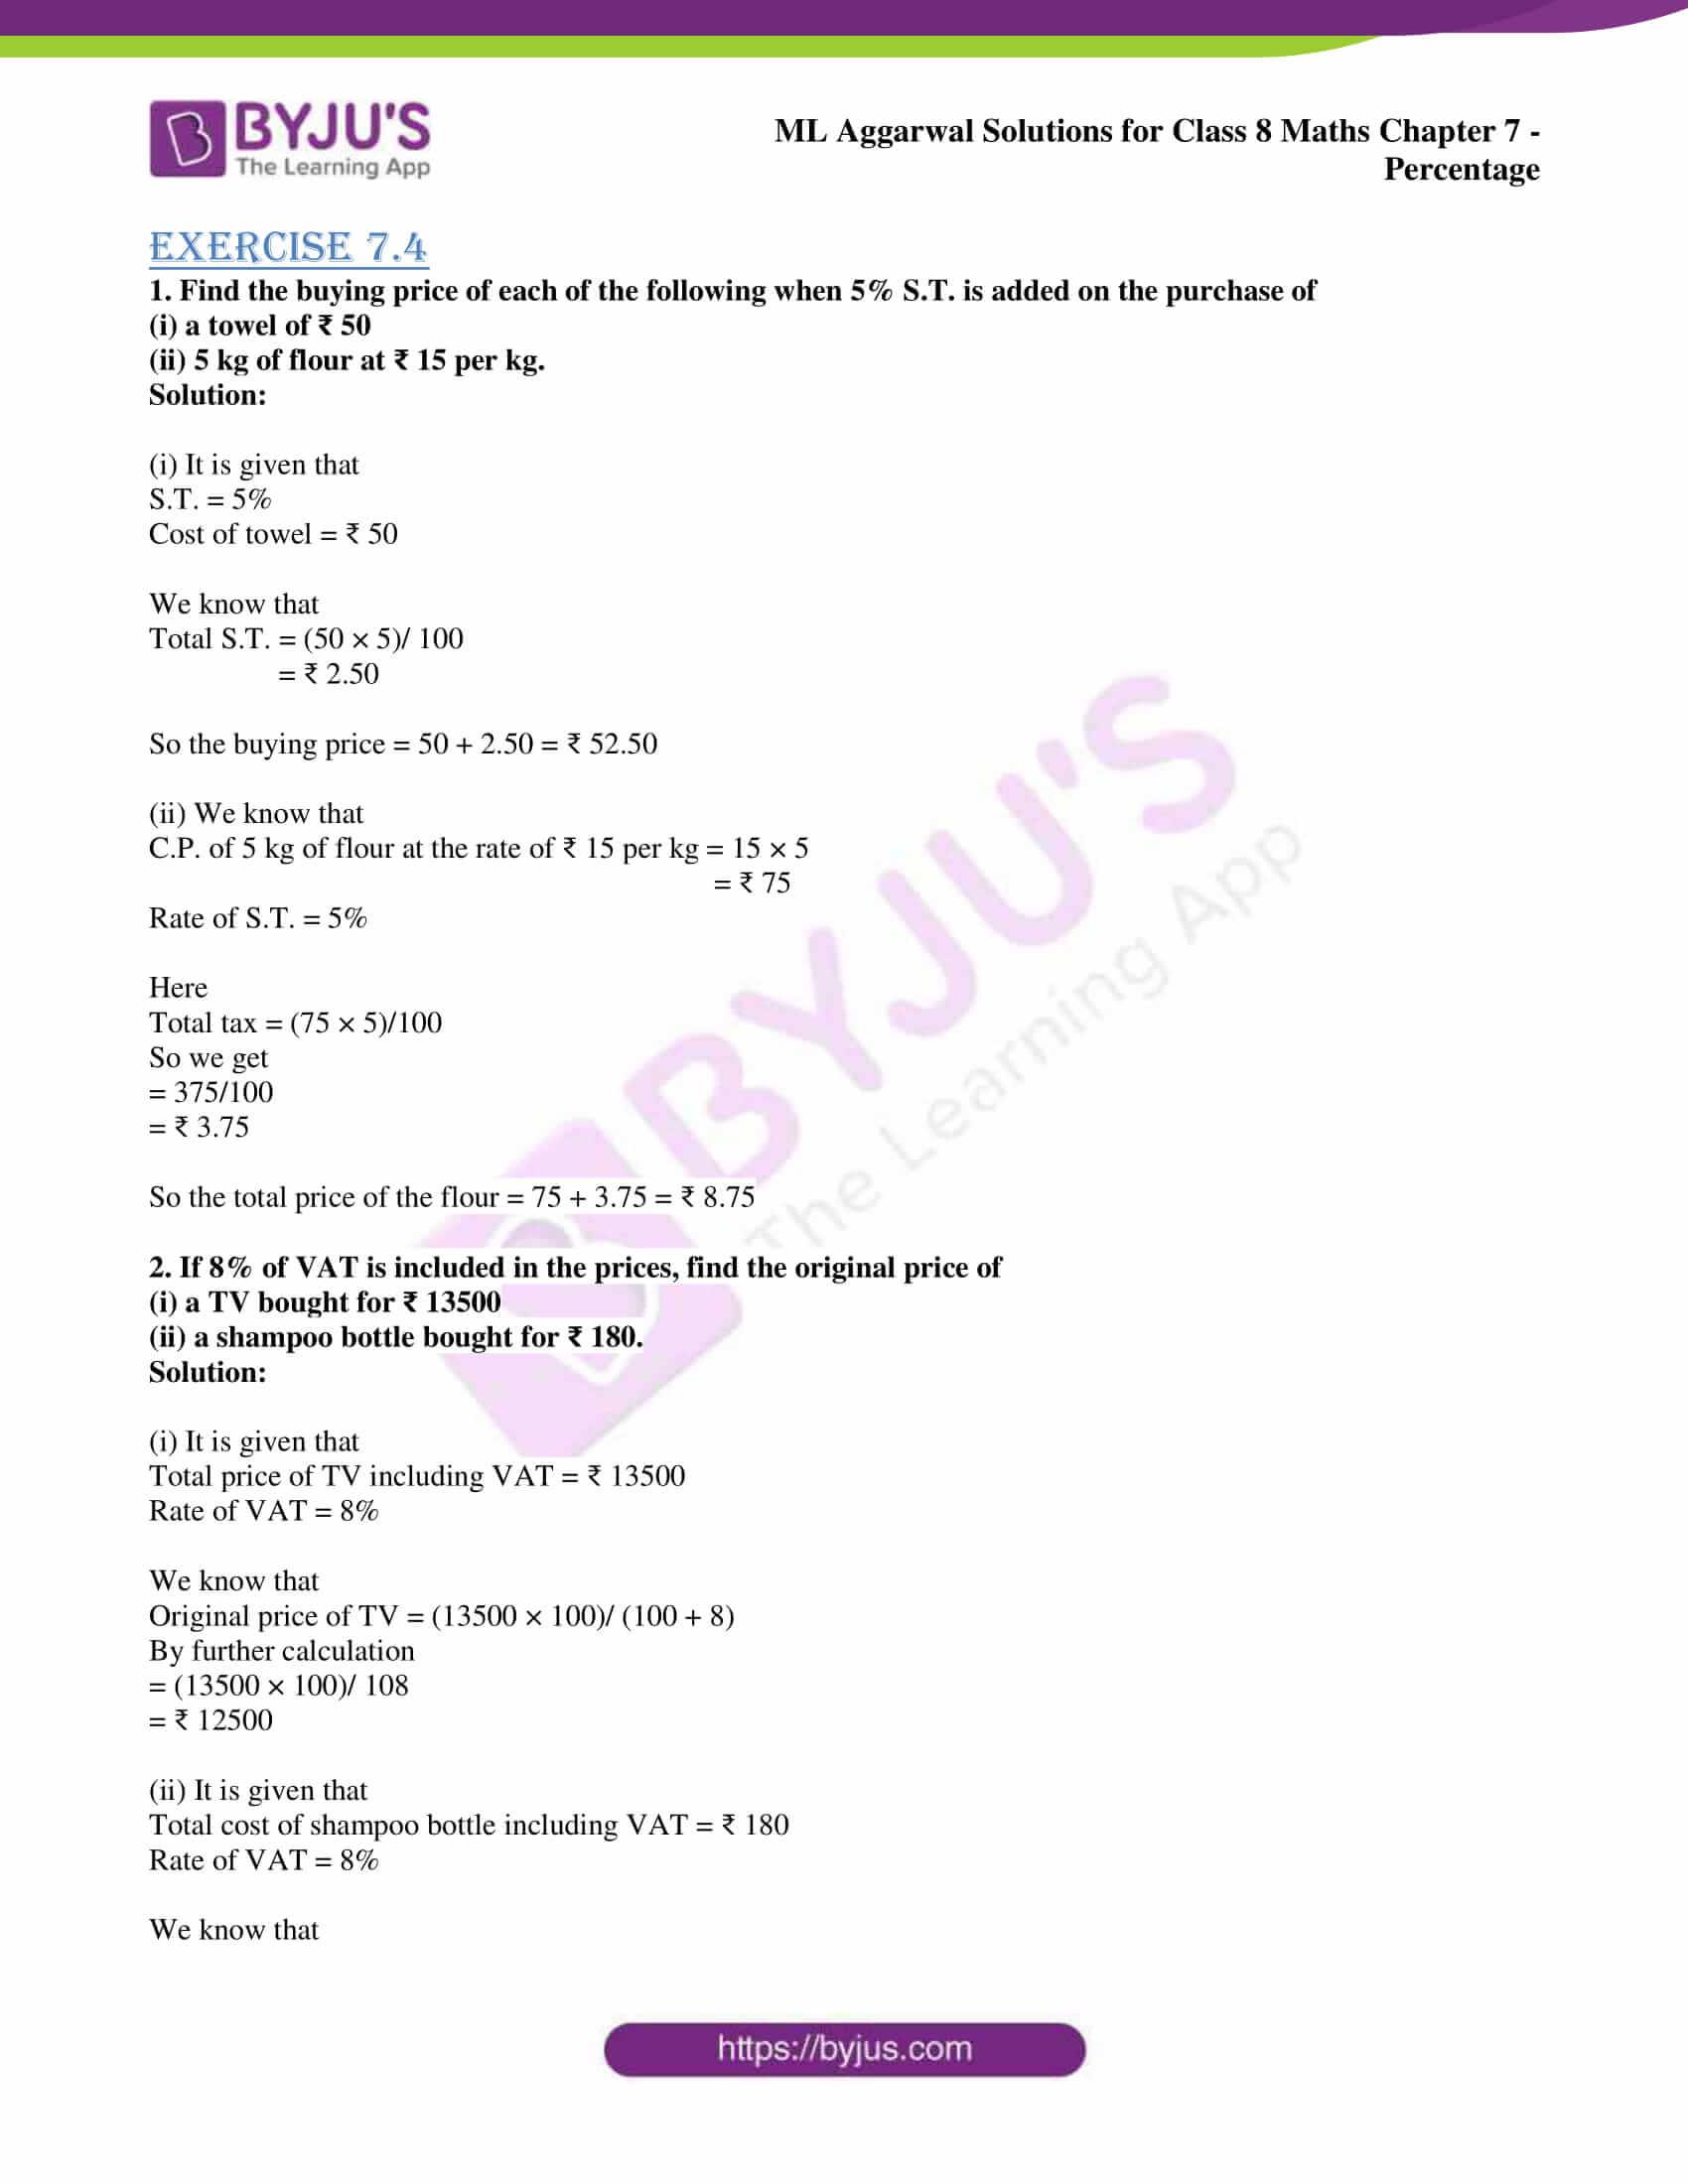 ml aggarwal sol mathematics class 8 ch 7 31